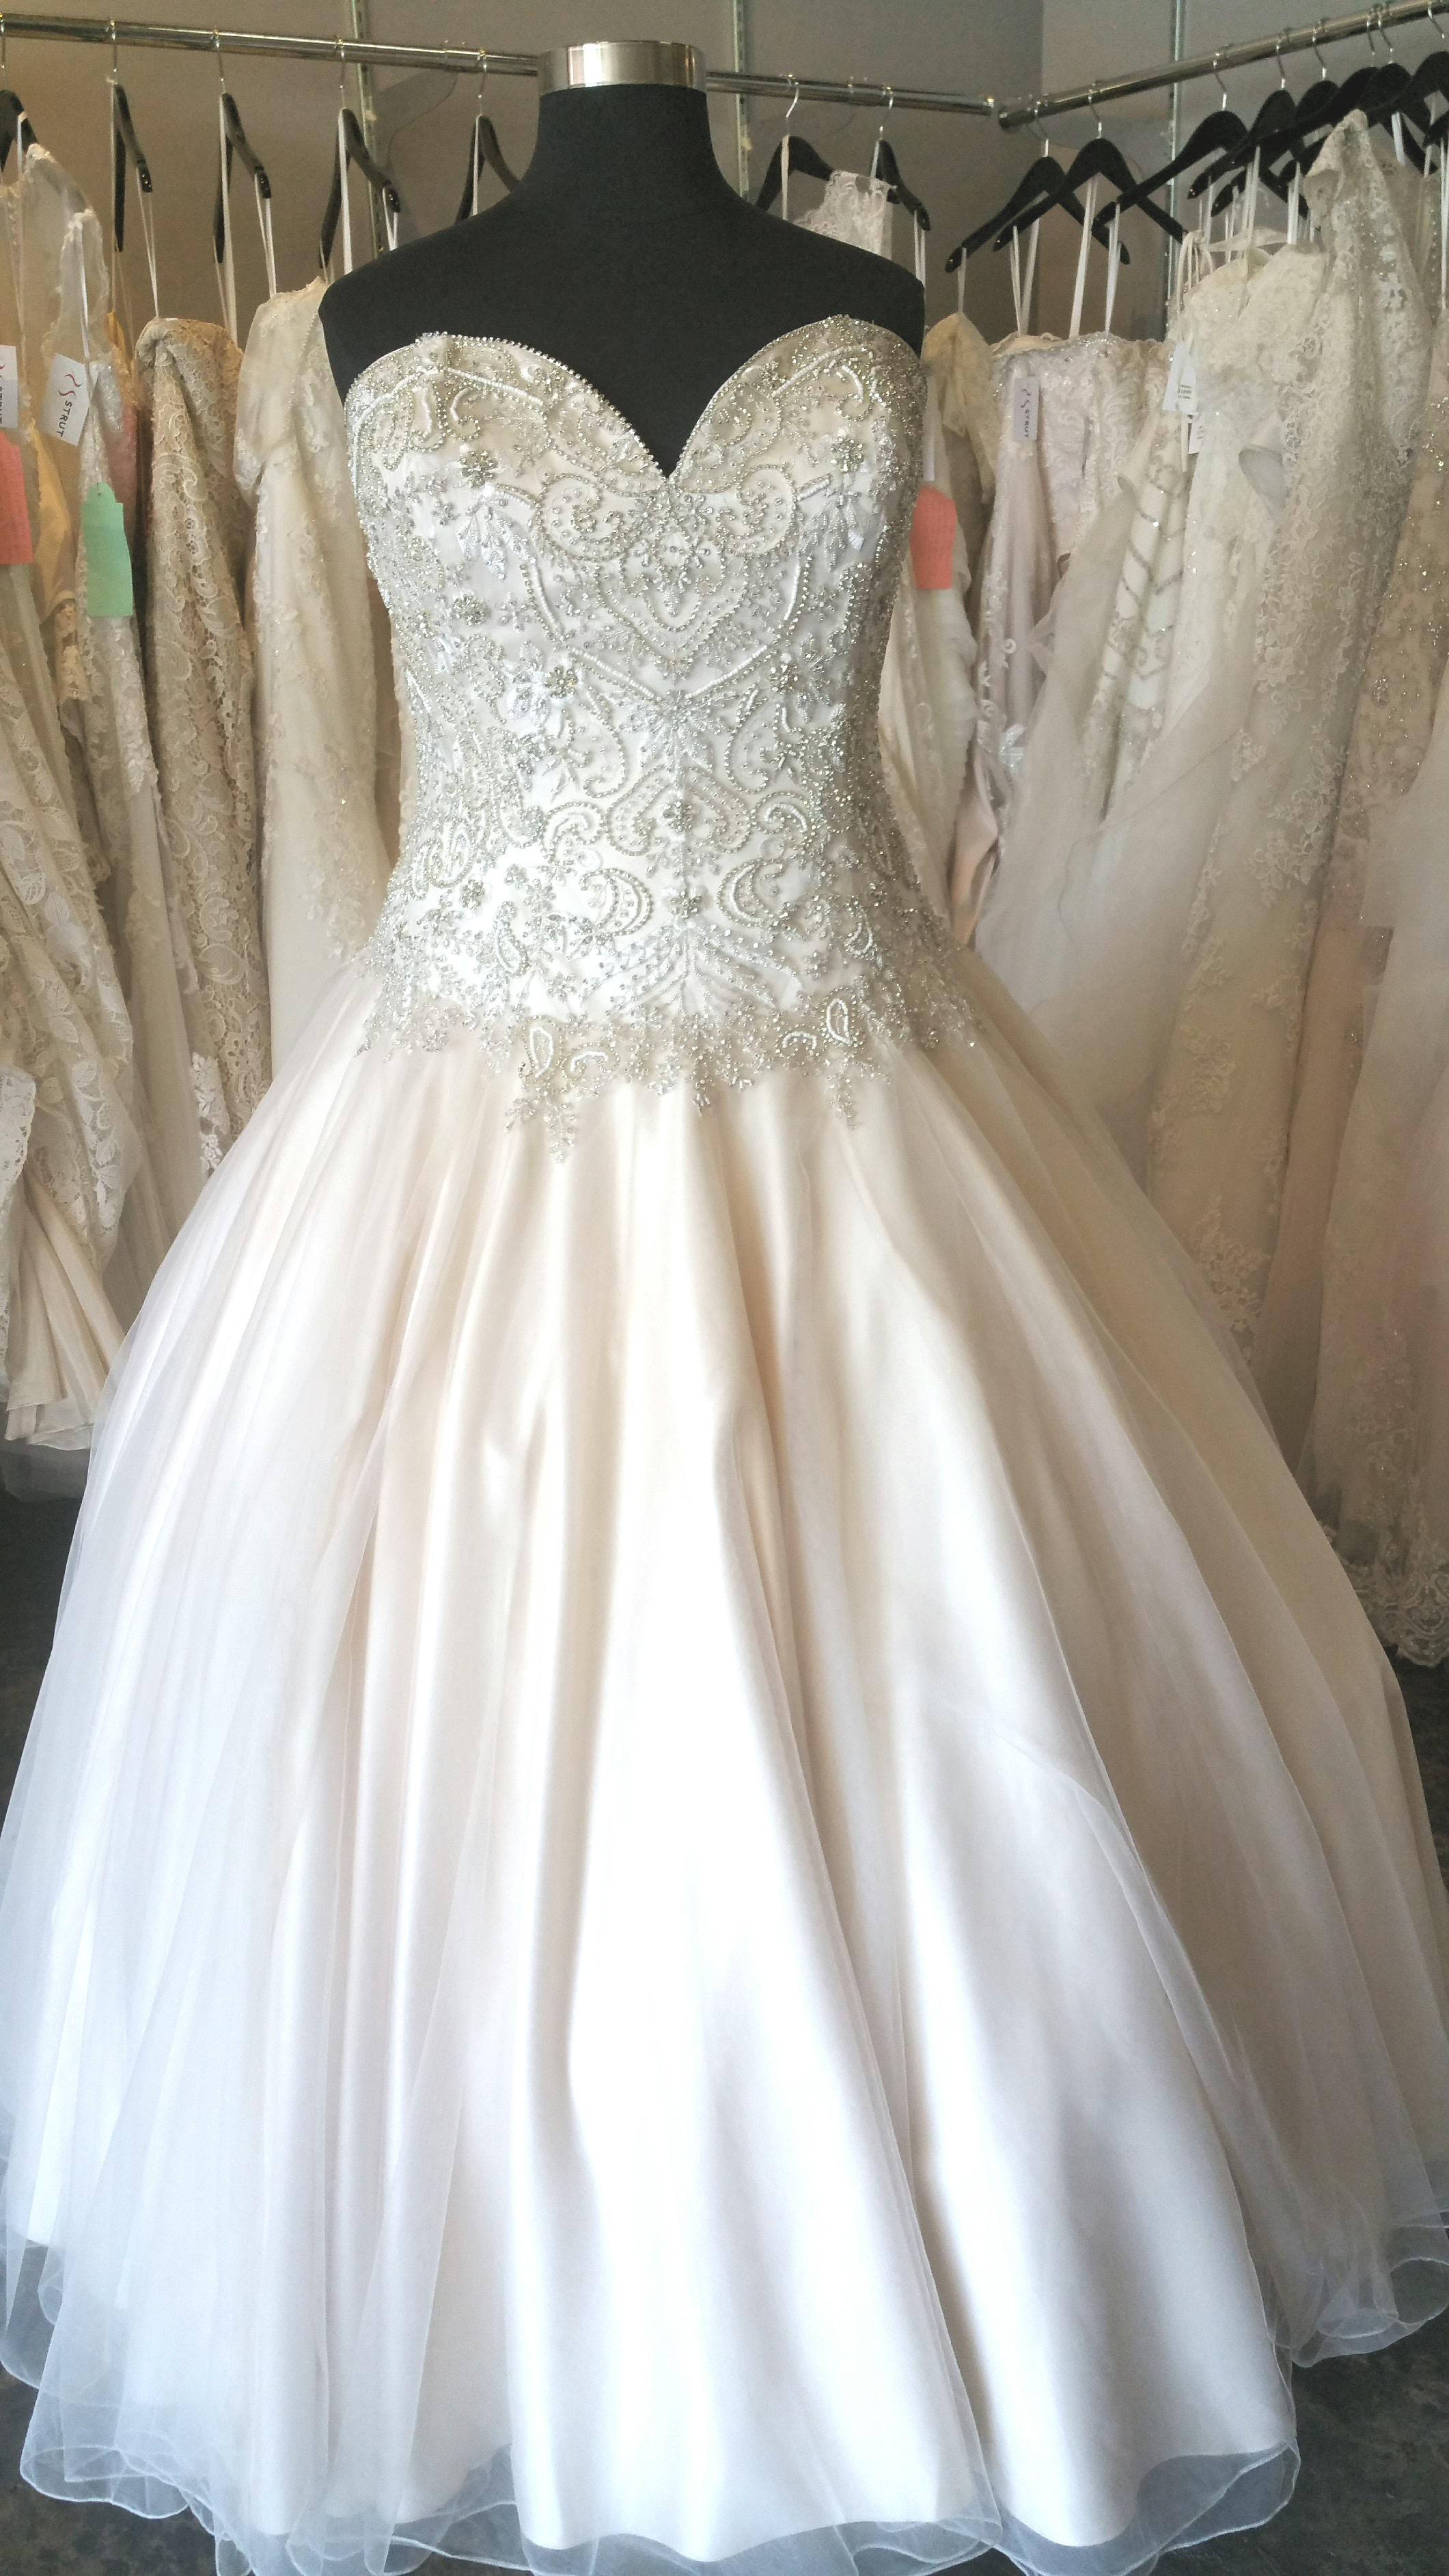 Dropped waist wedding dresses junoir bridesmaid dresses for Wedding dresses with dropped waist